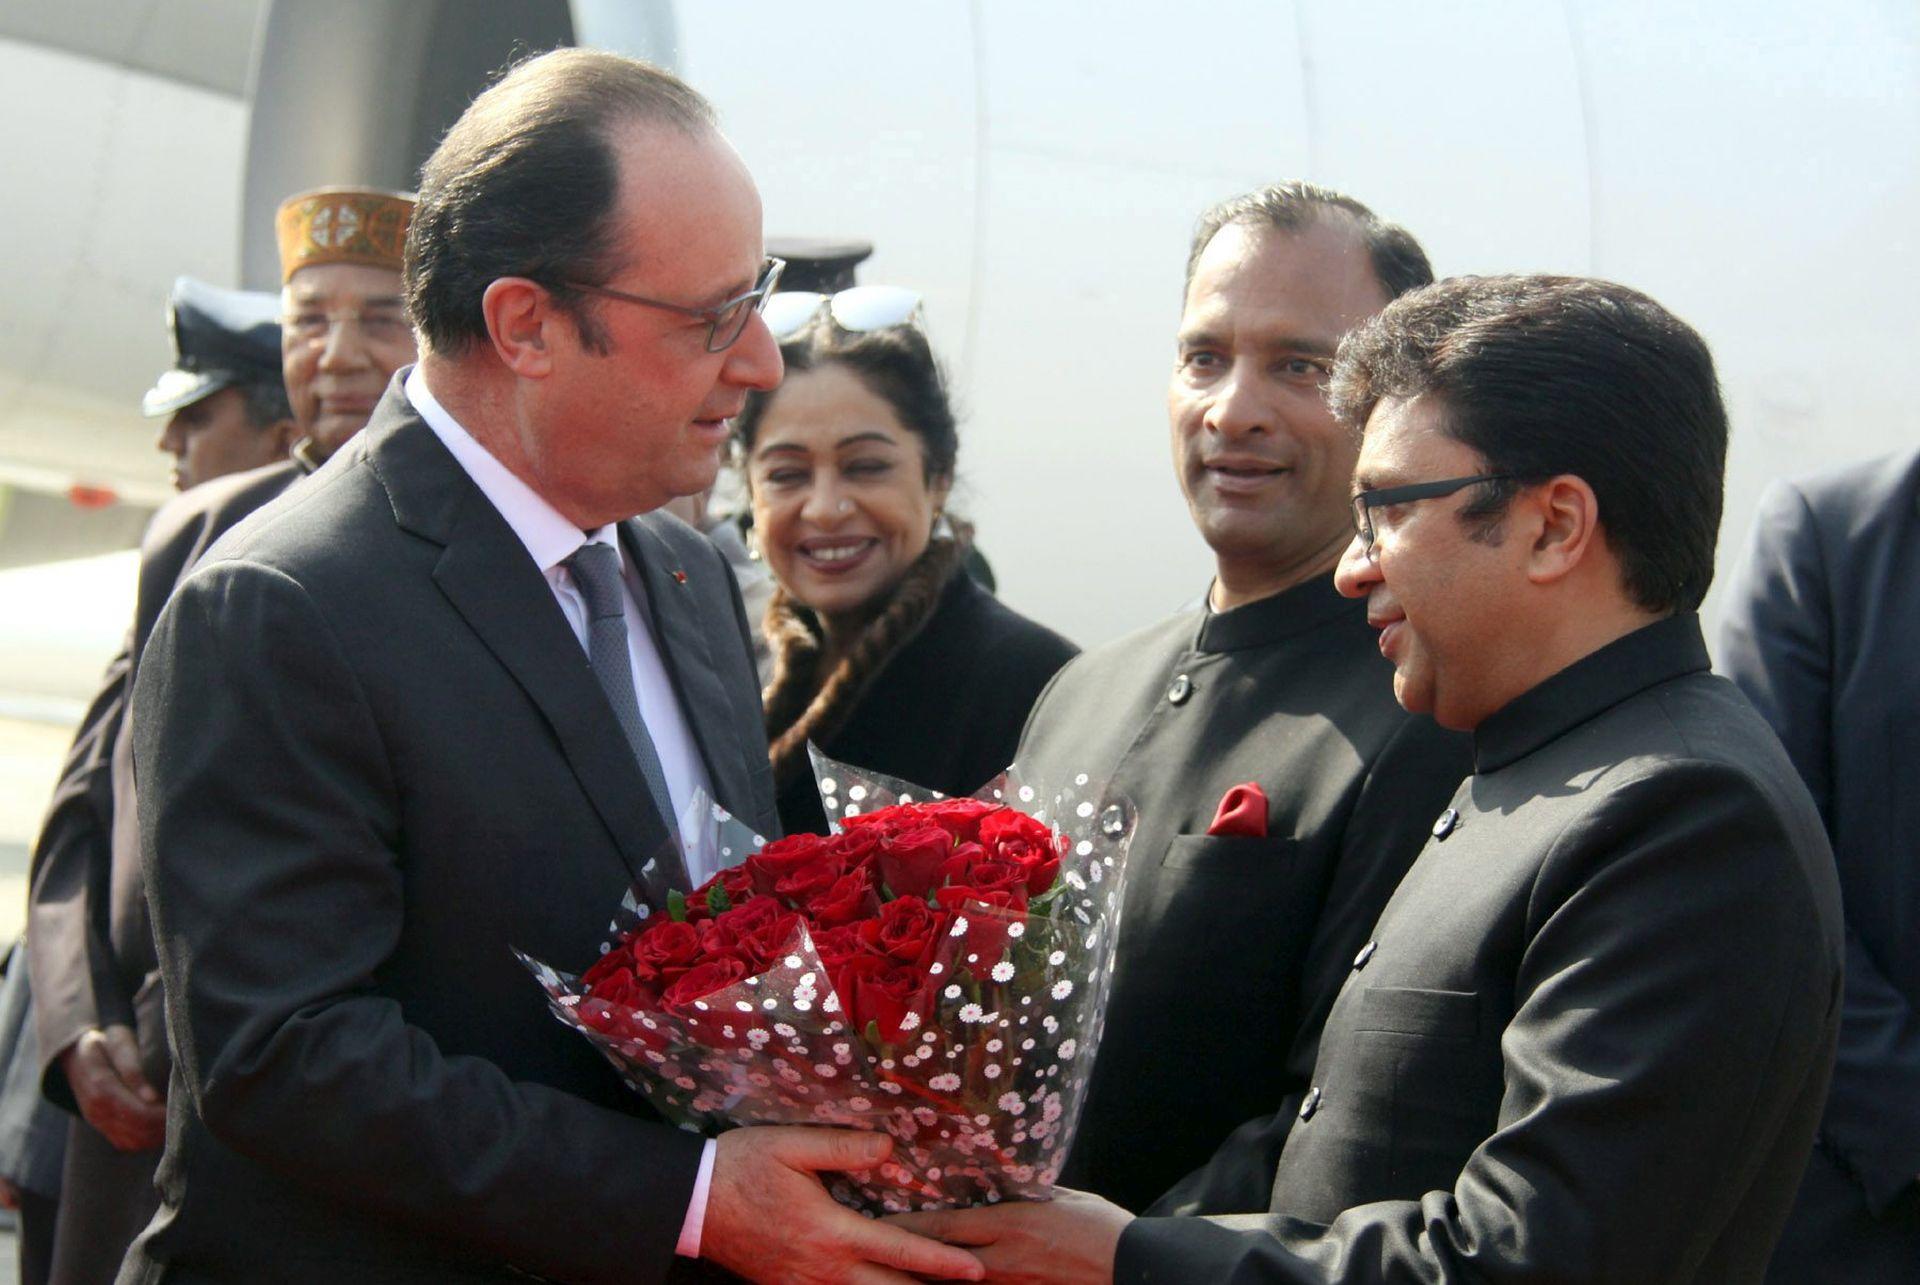 TRODNEVNI POSJET: Hollande u Indiji o terorizmu, energetici, prodaji Rafale-a